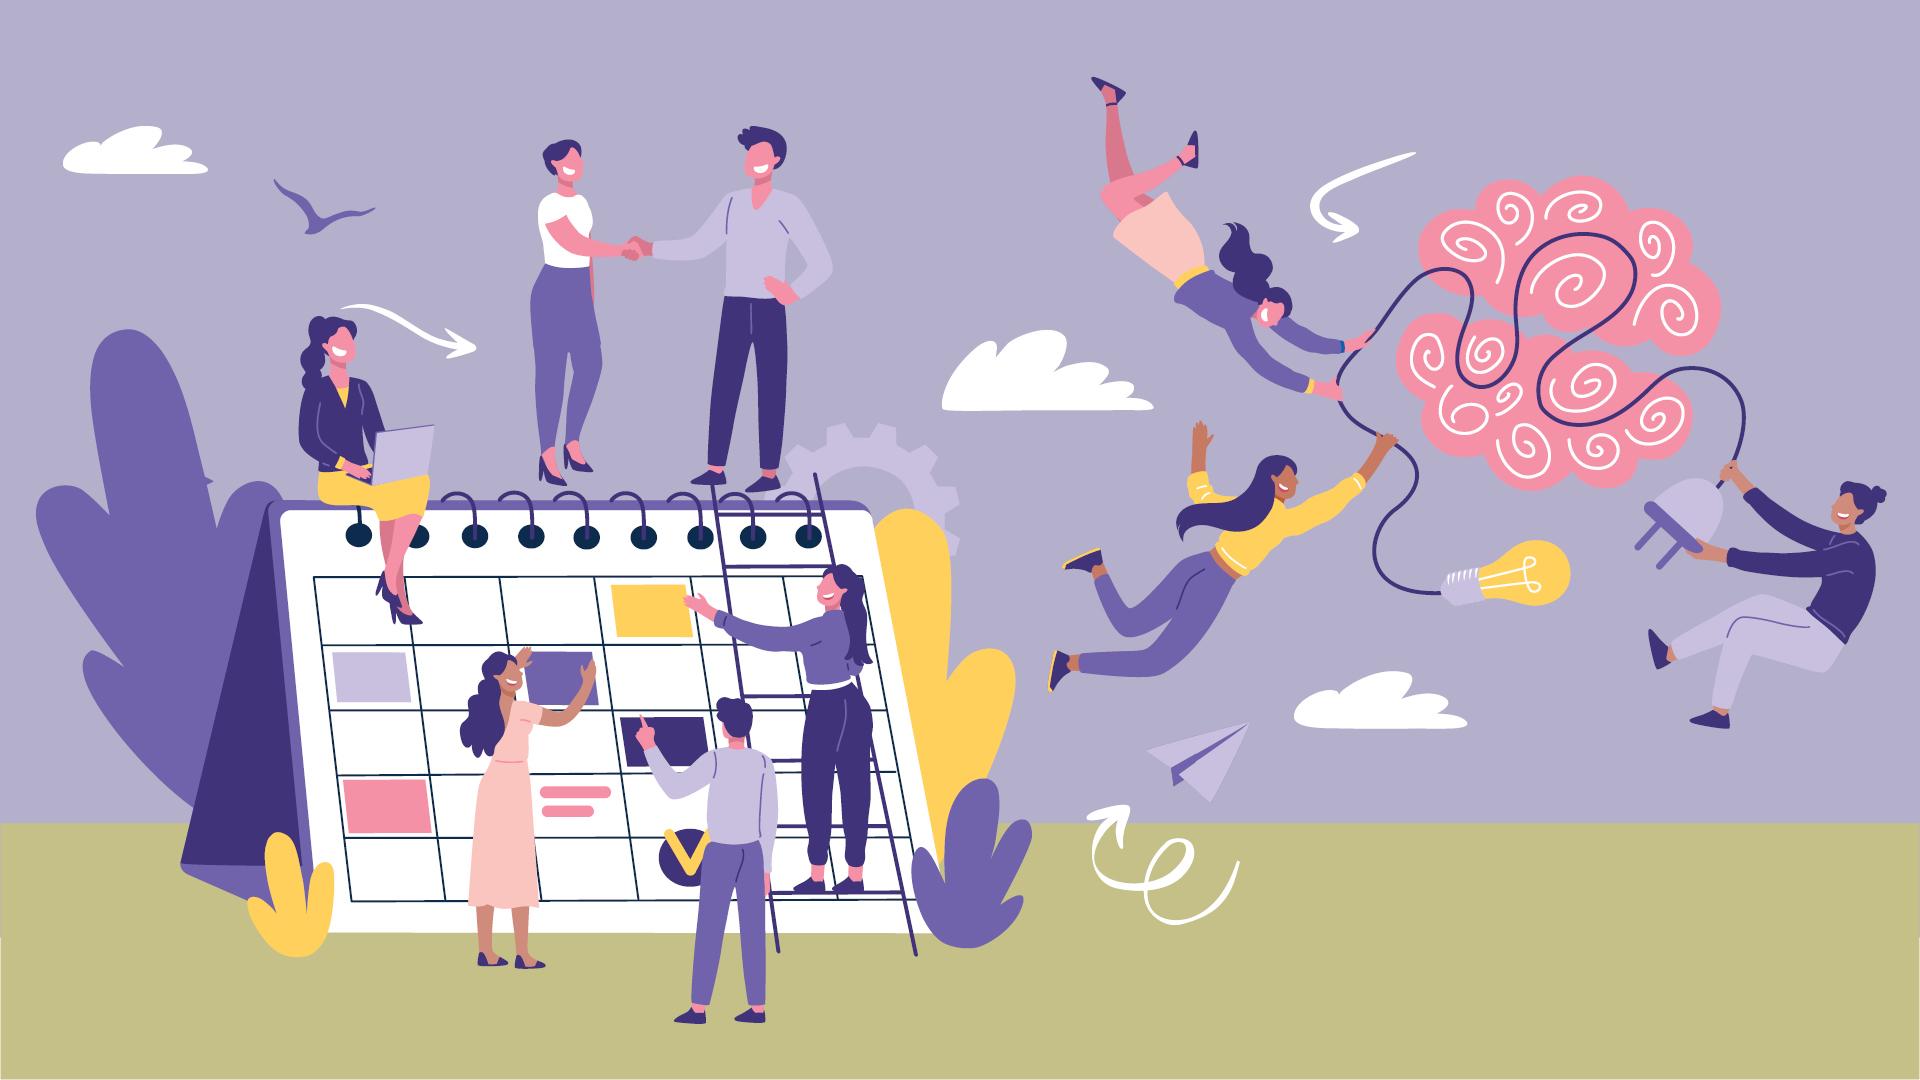 Illustration med personer i en kreativ miljö